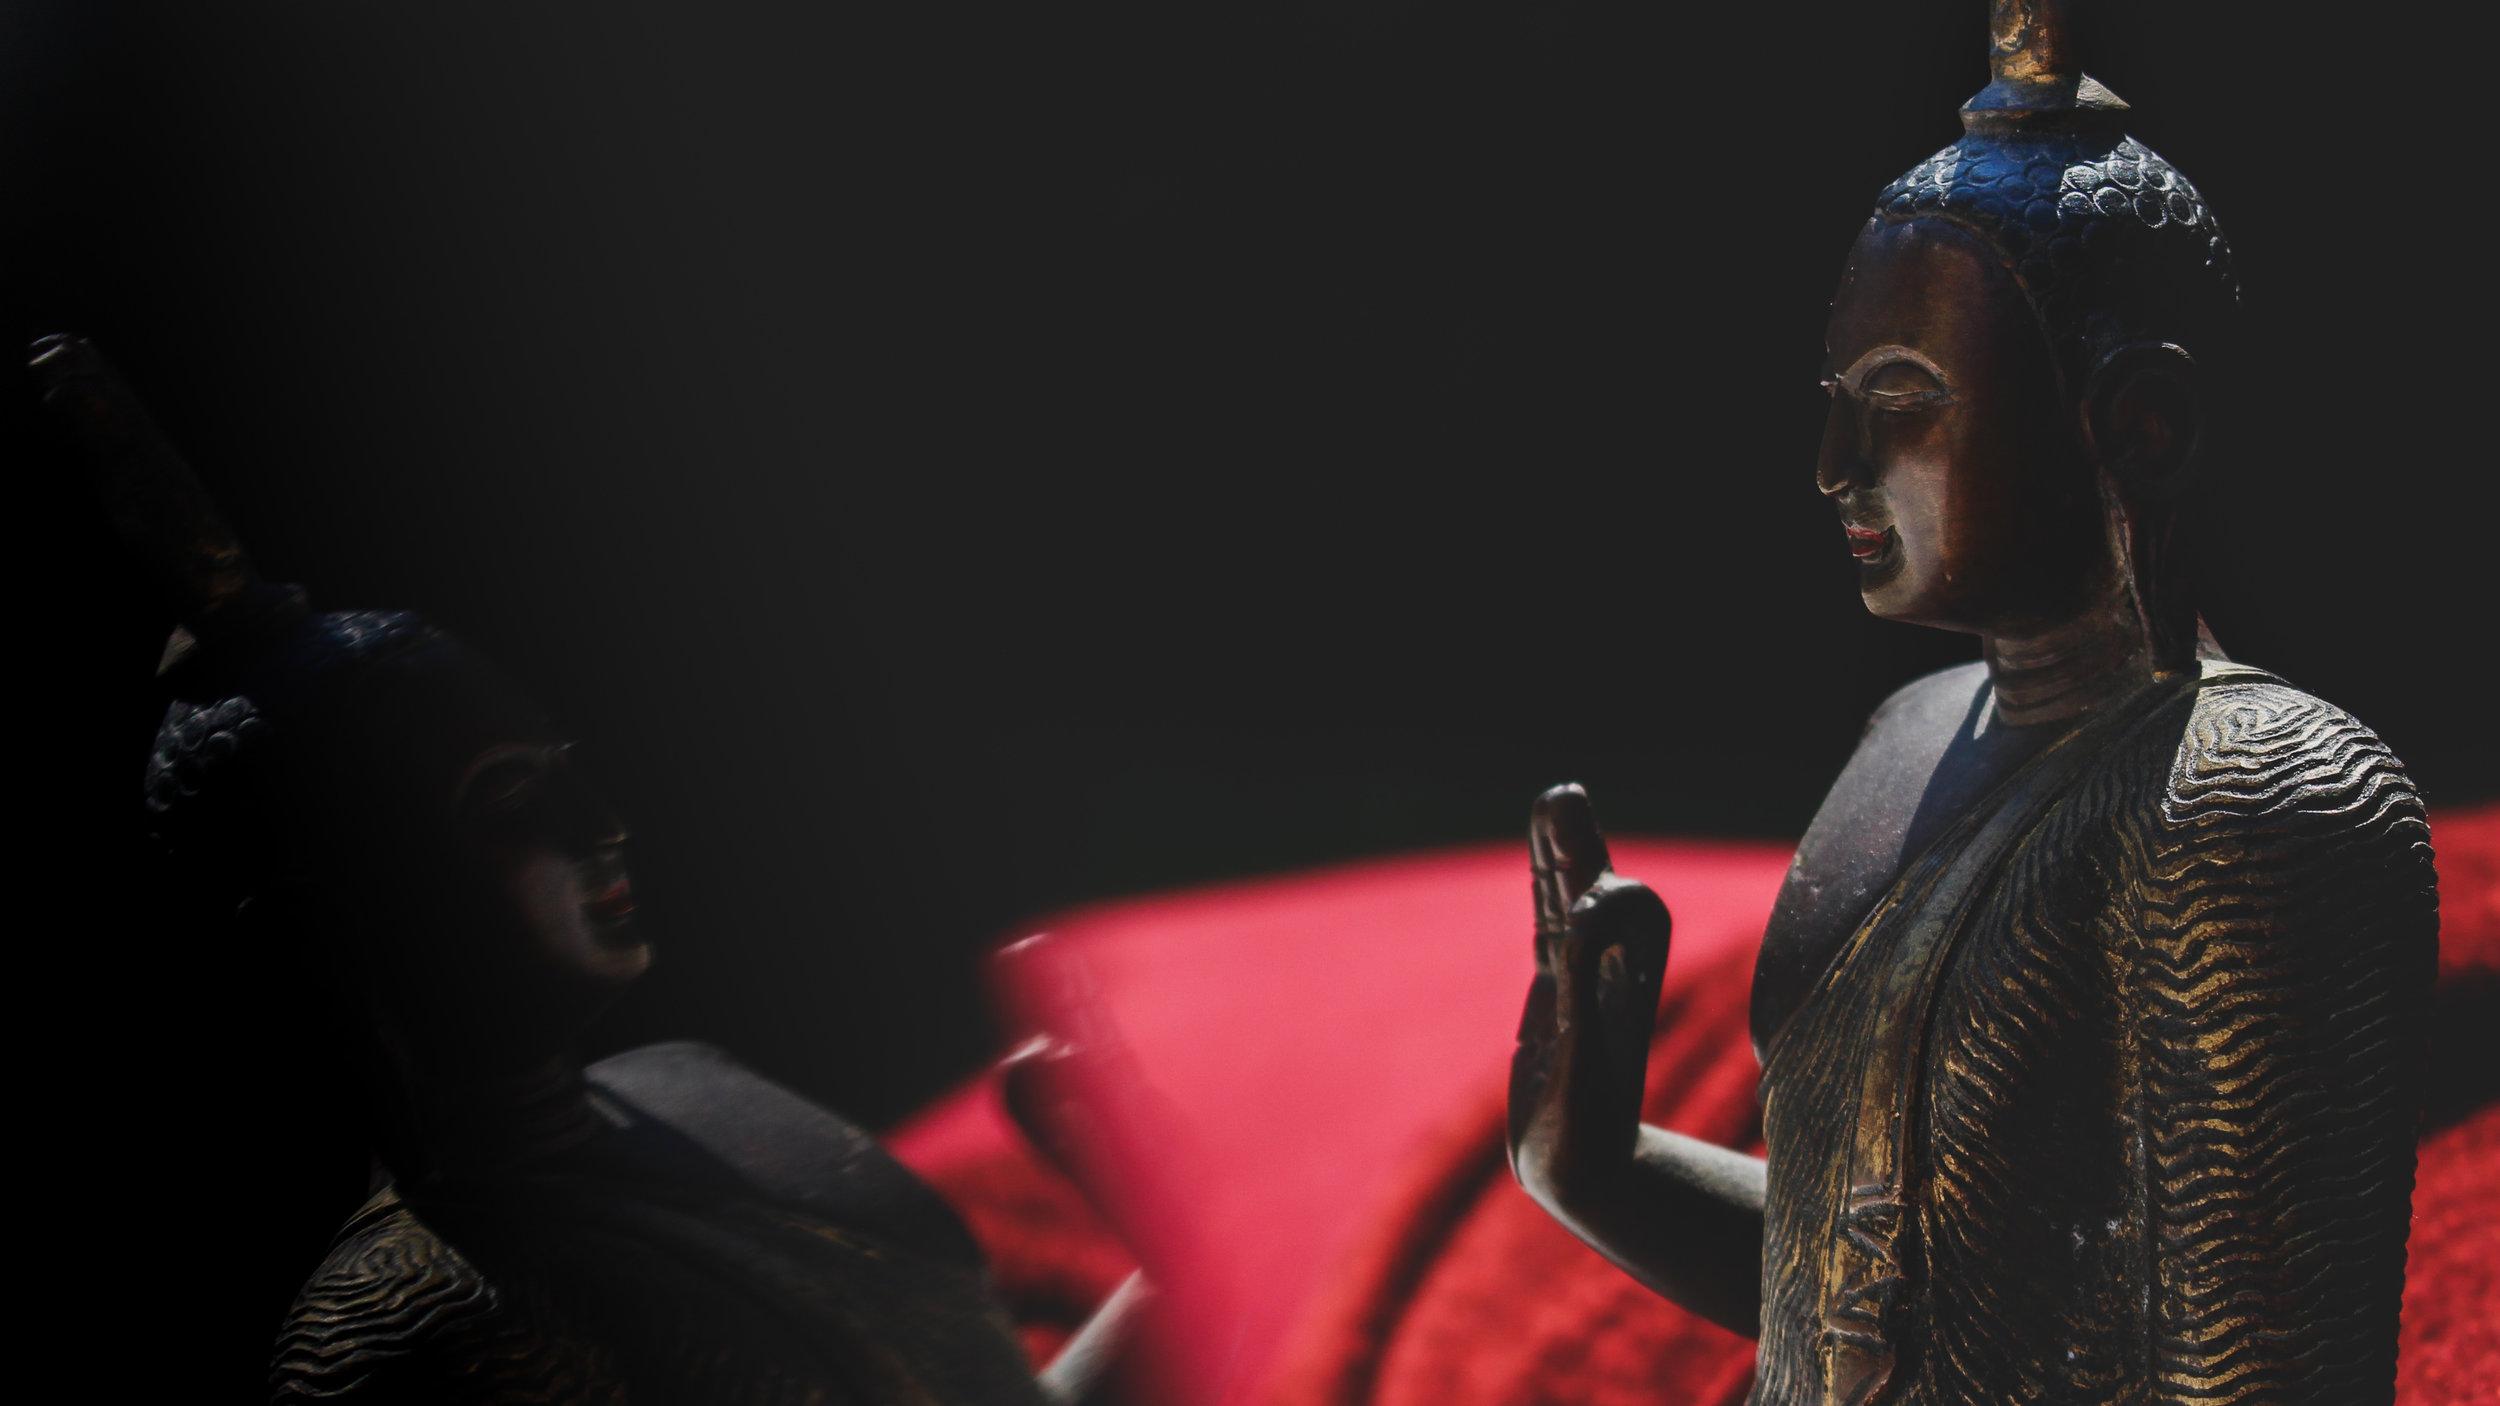 Buddha vor rotem und dunklem Hintergrund